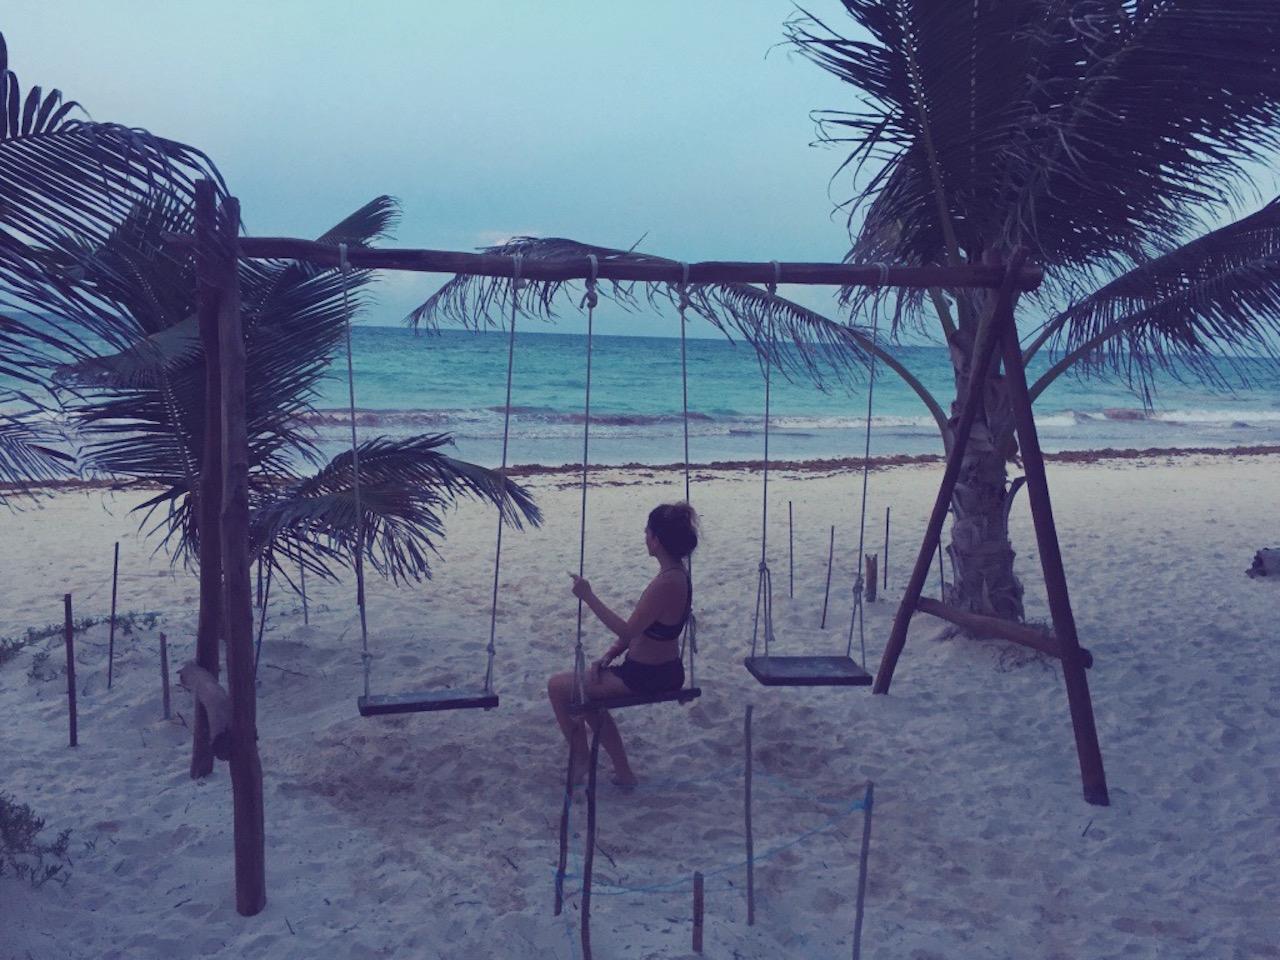 Bali Swing Ubud Travel Luxury Travel Schaukeln Reisen Annaway